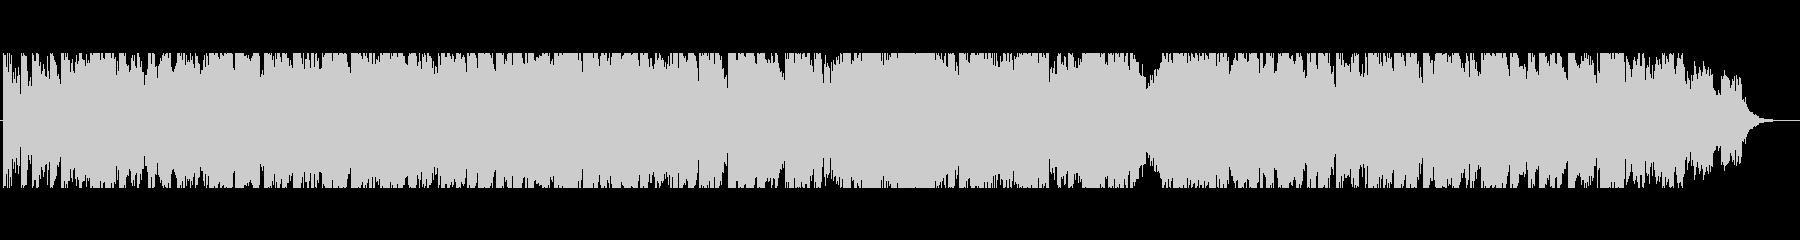 ブリティッシュロックとアンビエントの融合の未再生の波形